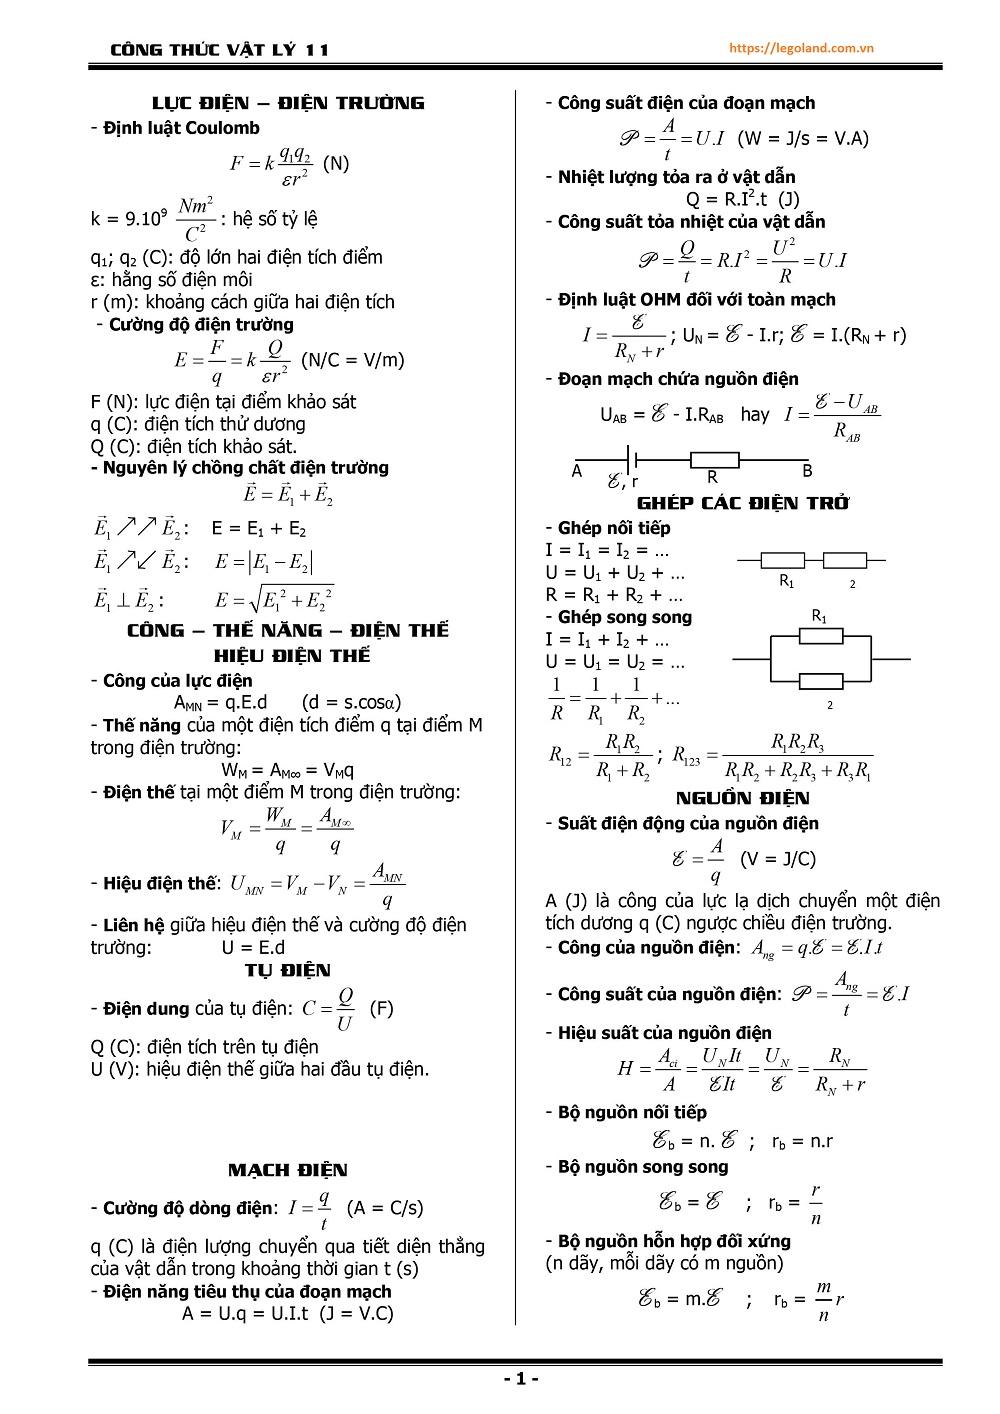 Tổng hợp công thức vật lý 11